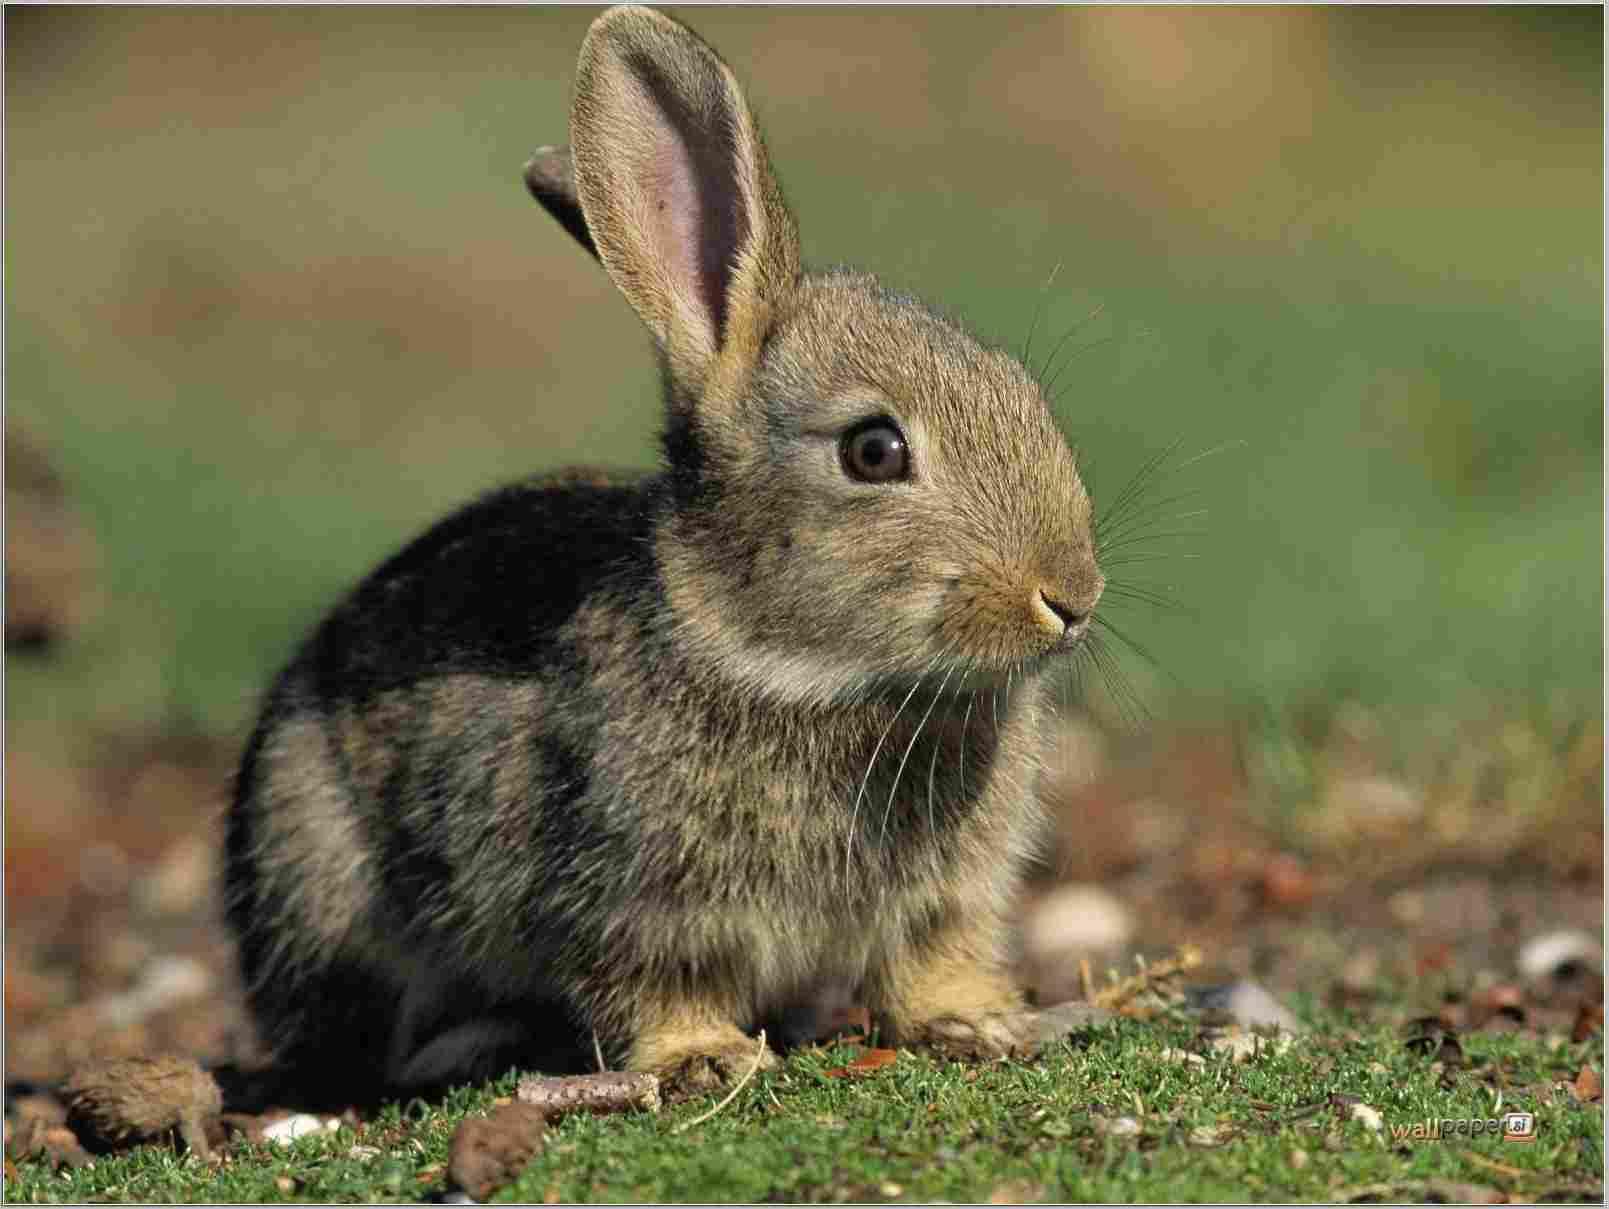 Cute Bunny Wallpapers Wallpaper Especies Invasoras No